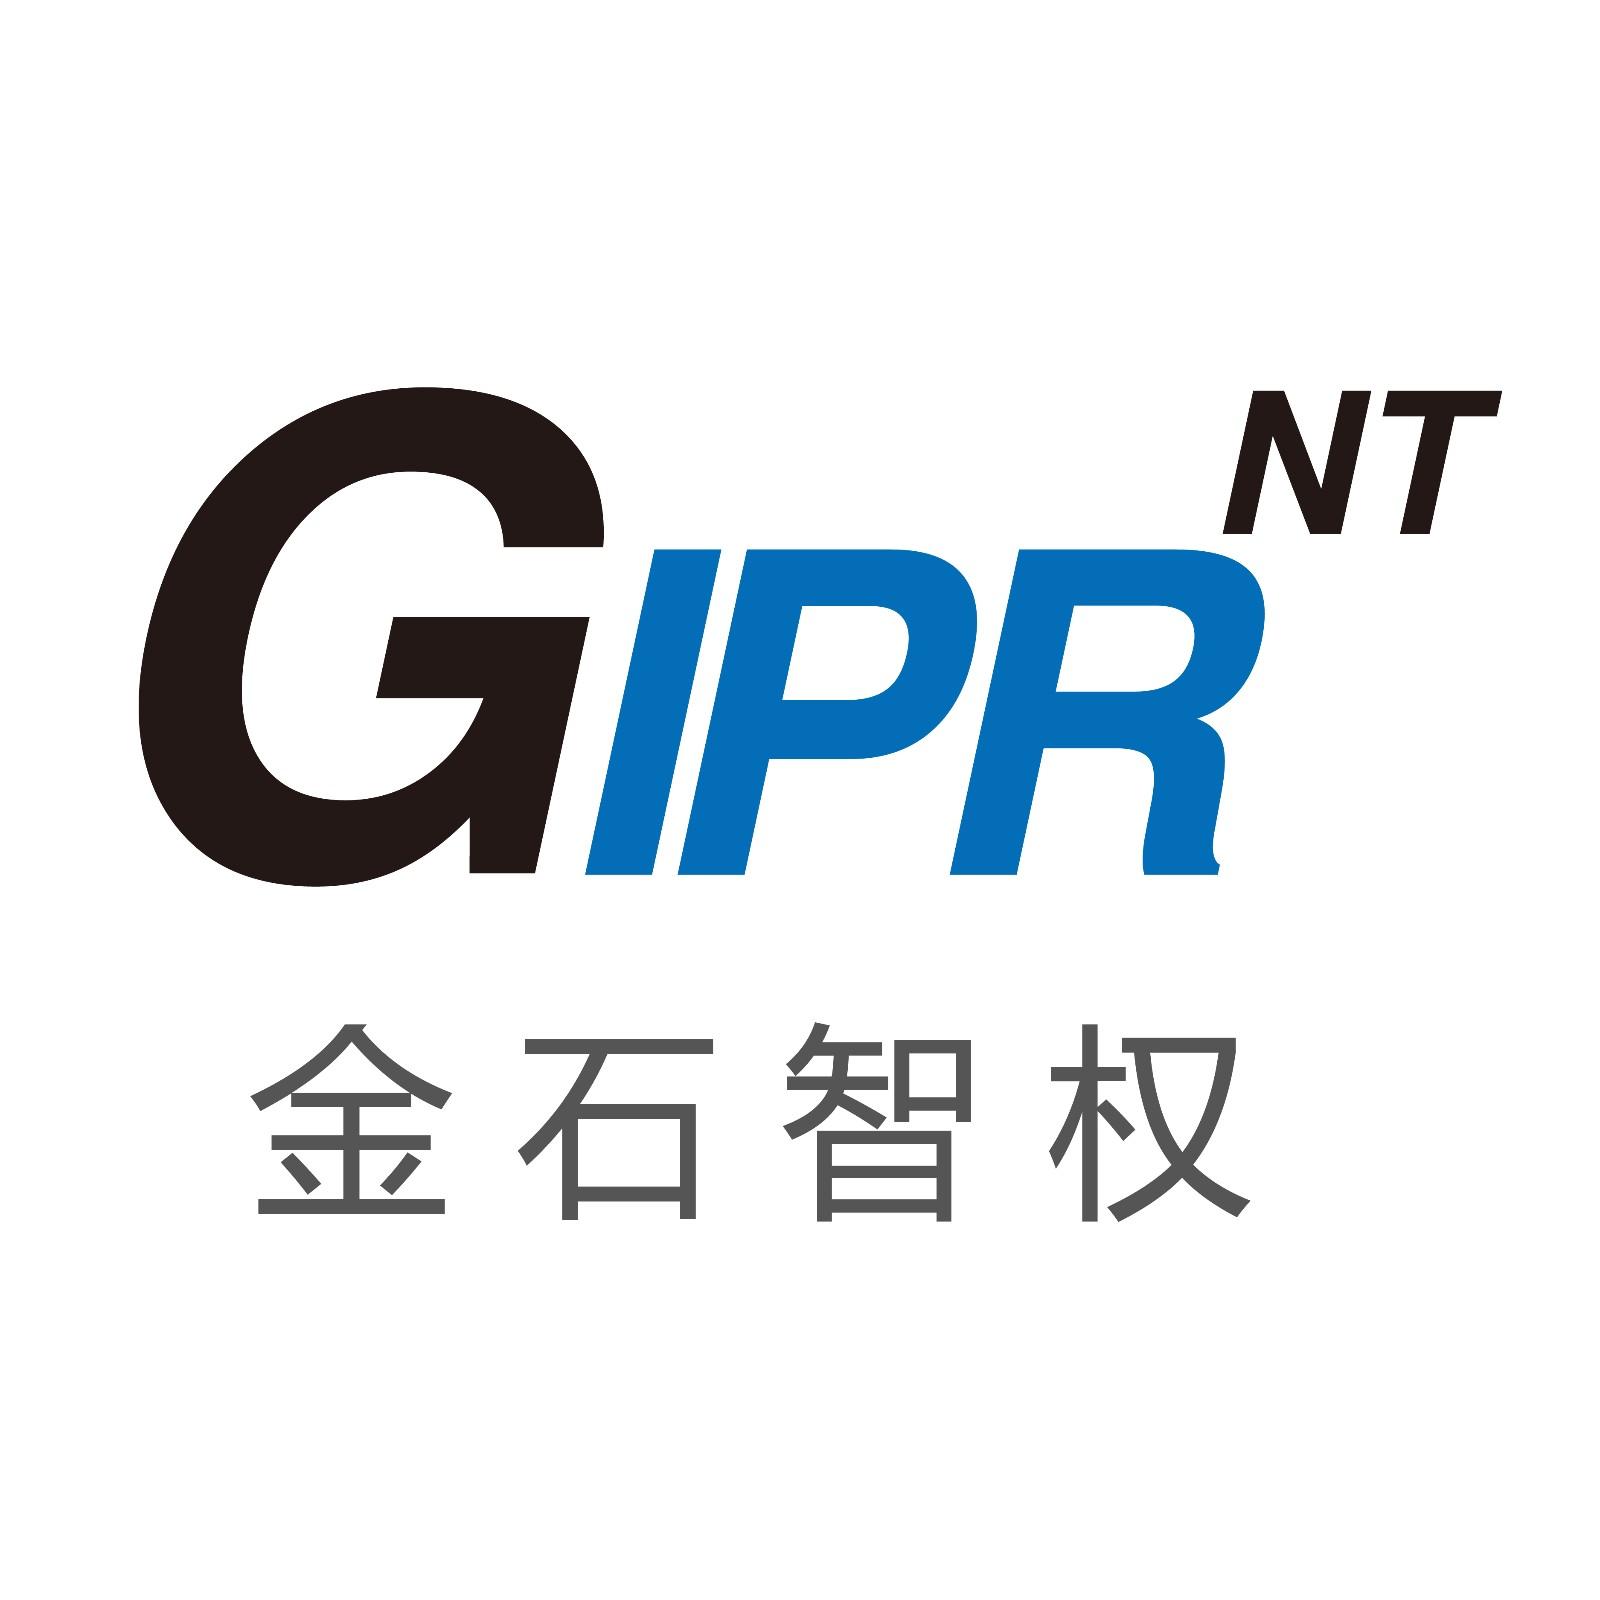 沈阳金石智权网络技术有限公司